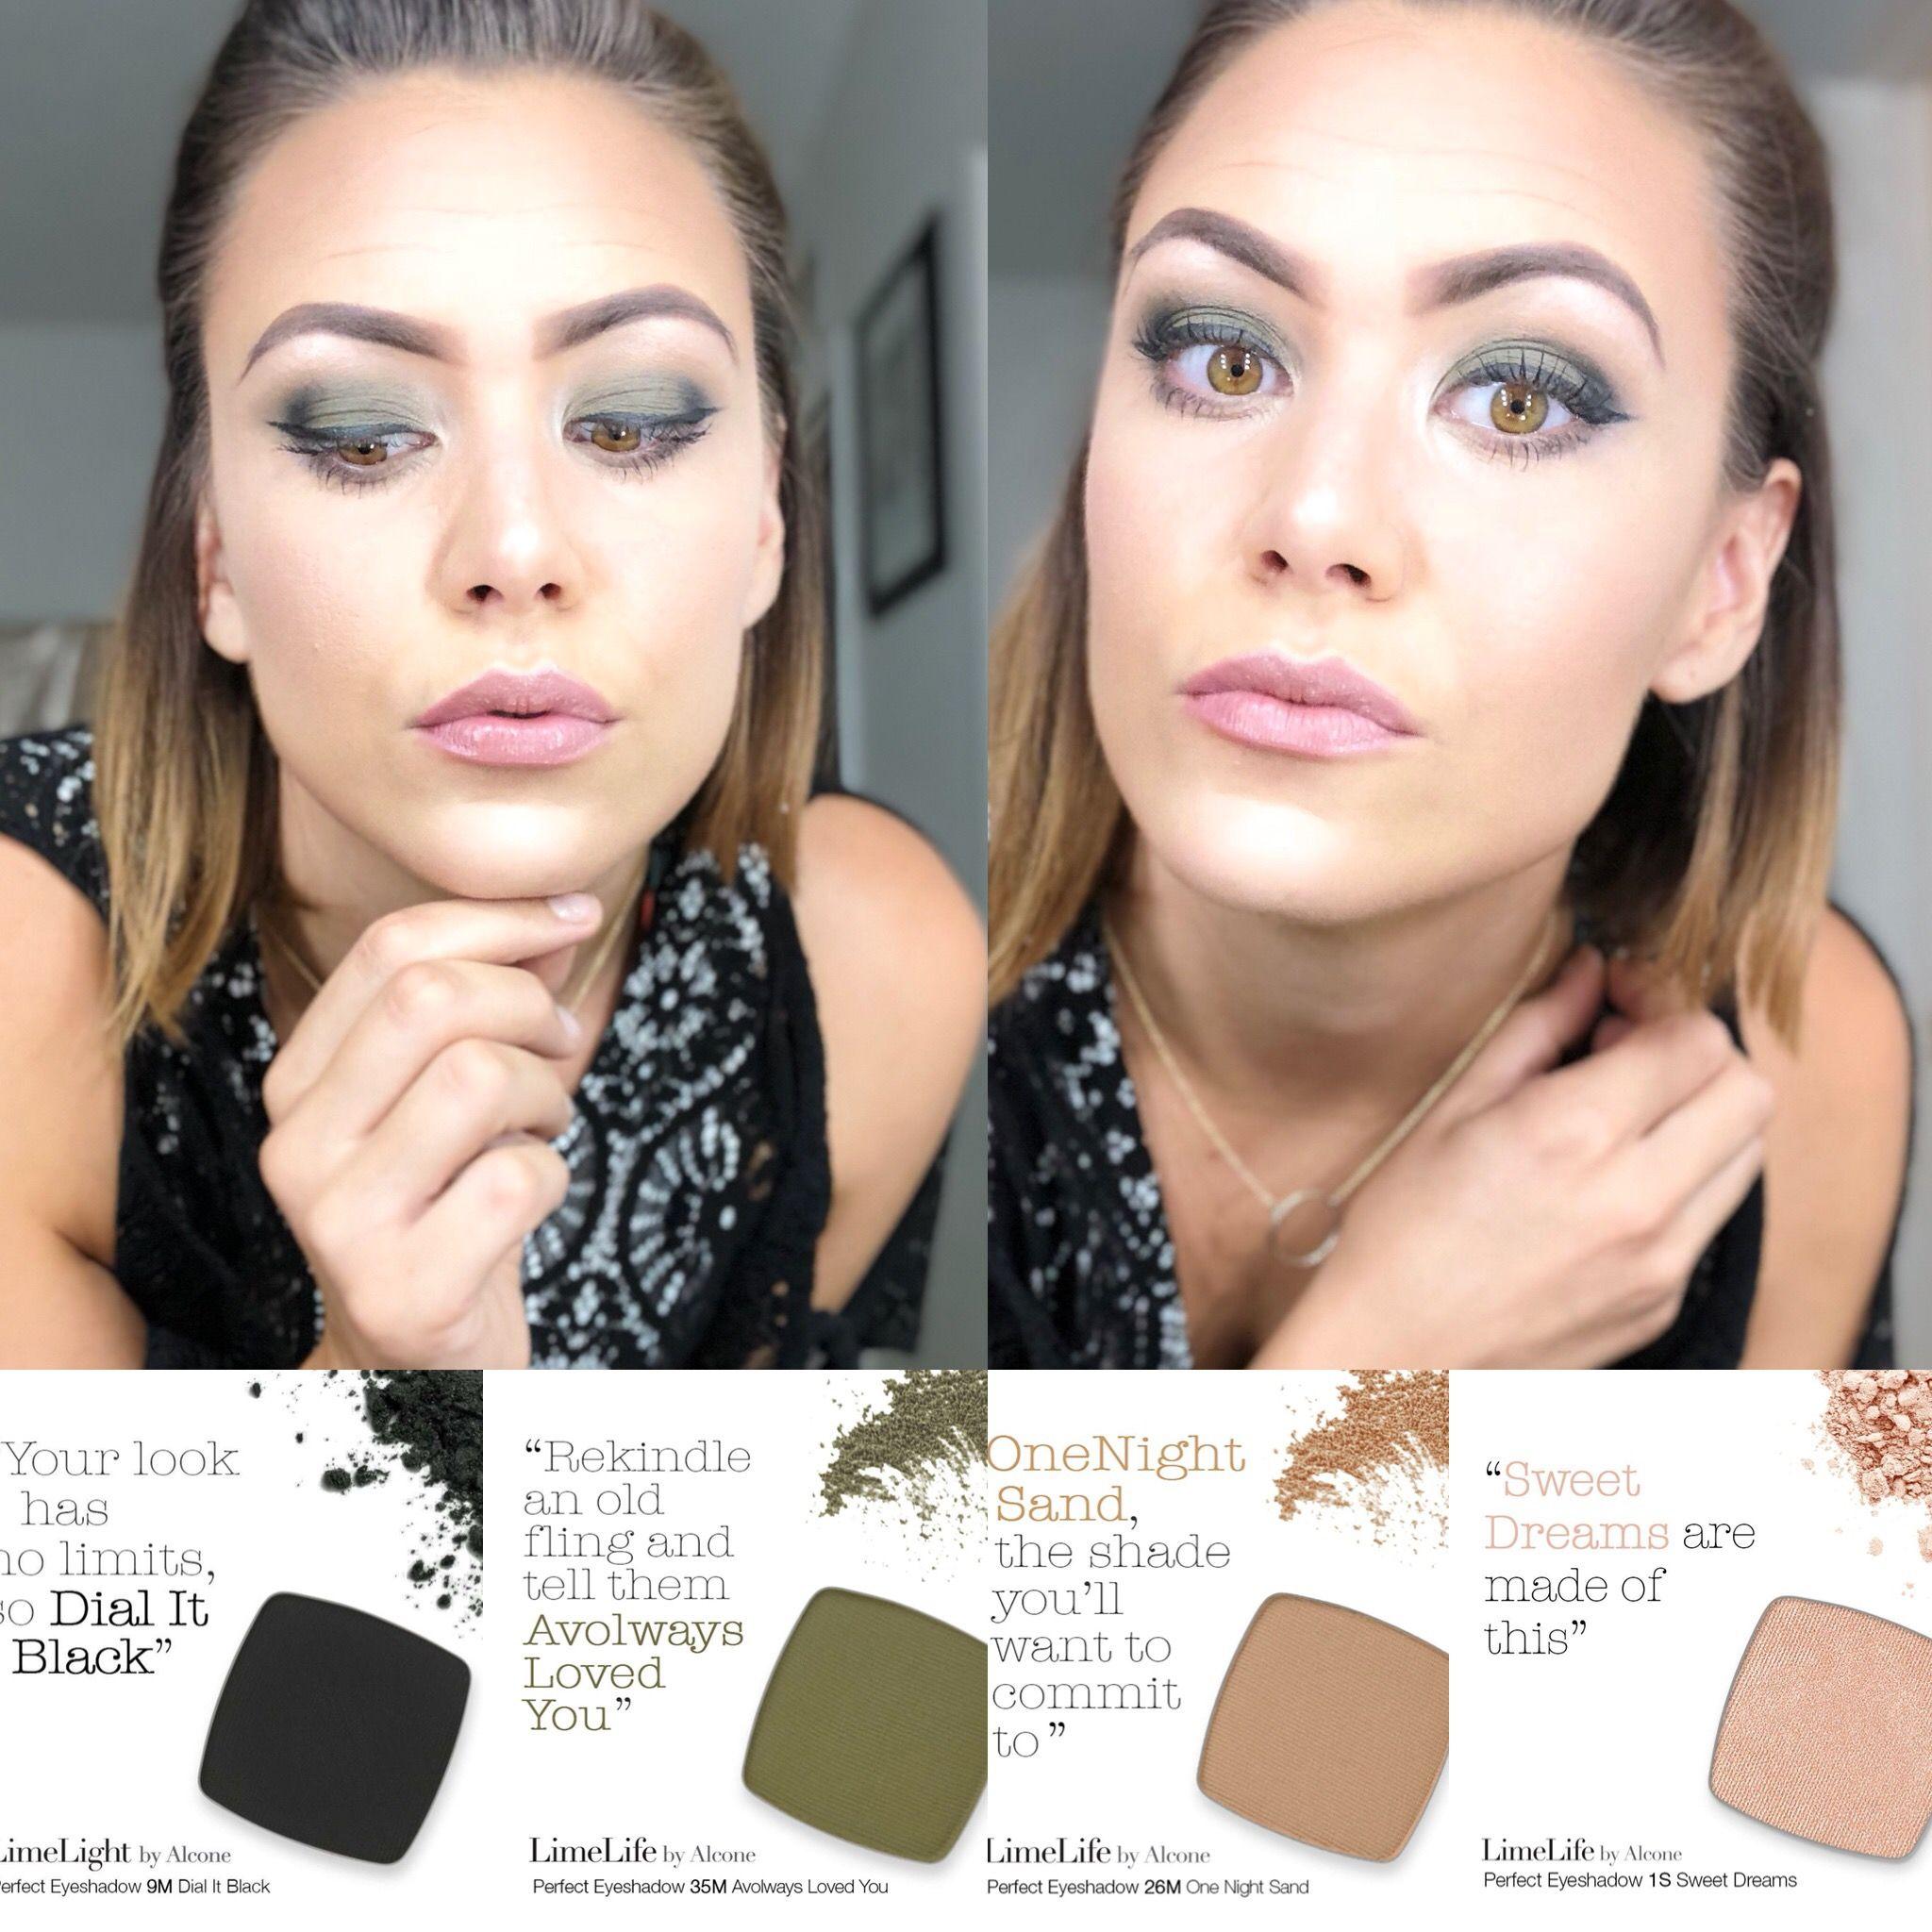 Olive Green Smokey Eyes Makeup Tips For Redheads Green Smokey Eye Powder Makeup